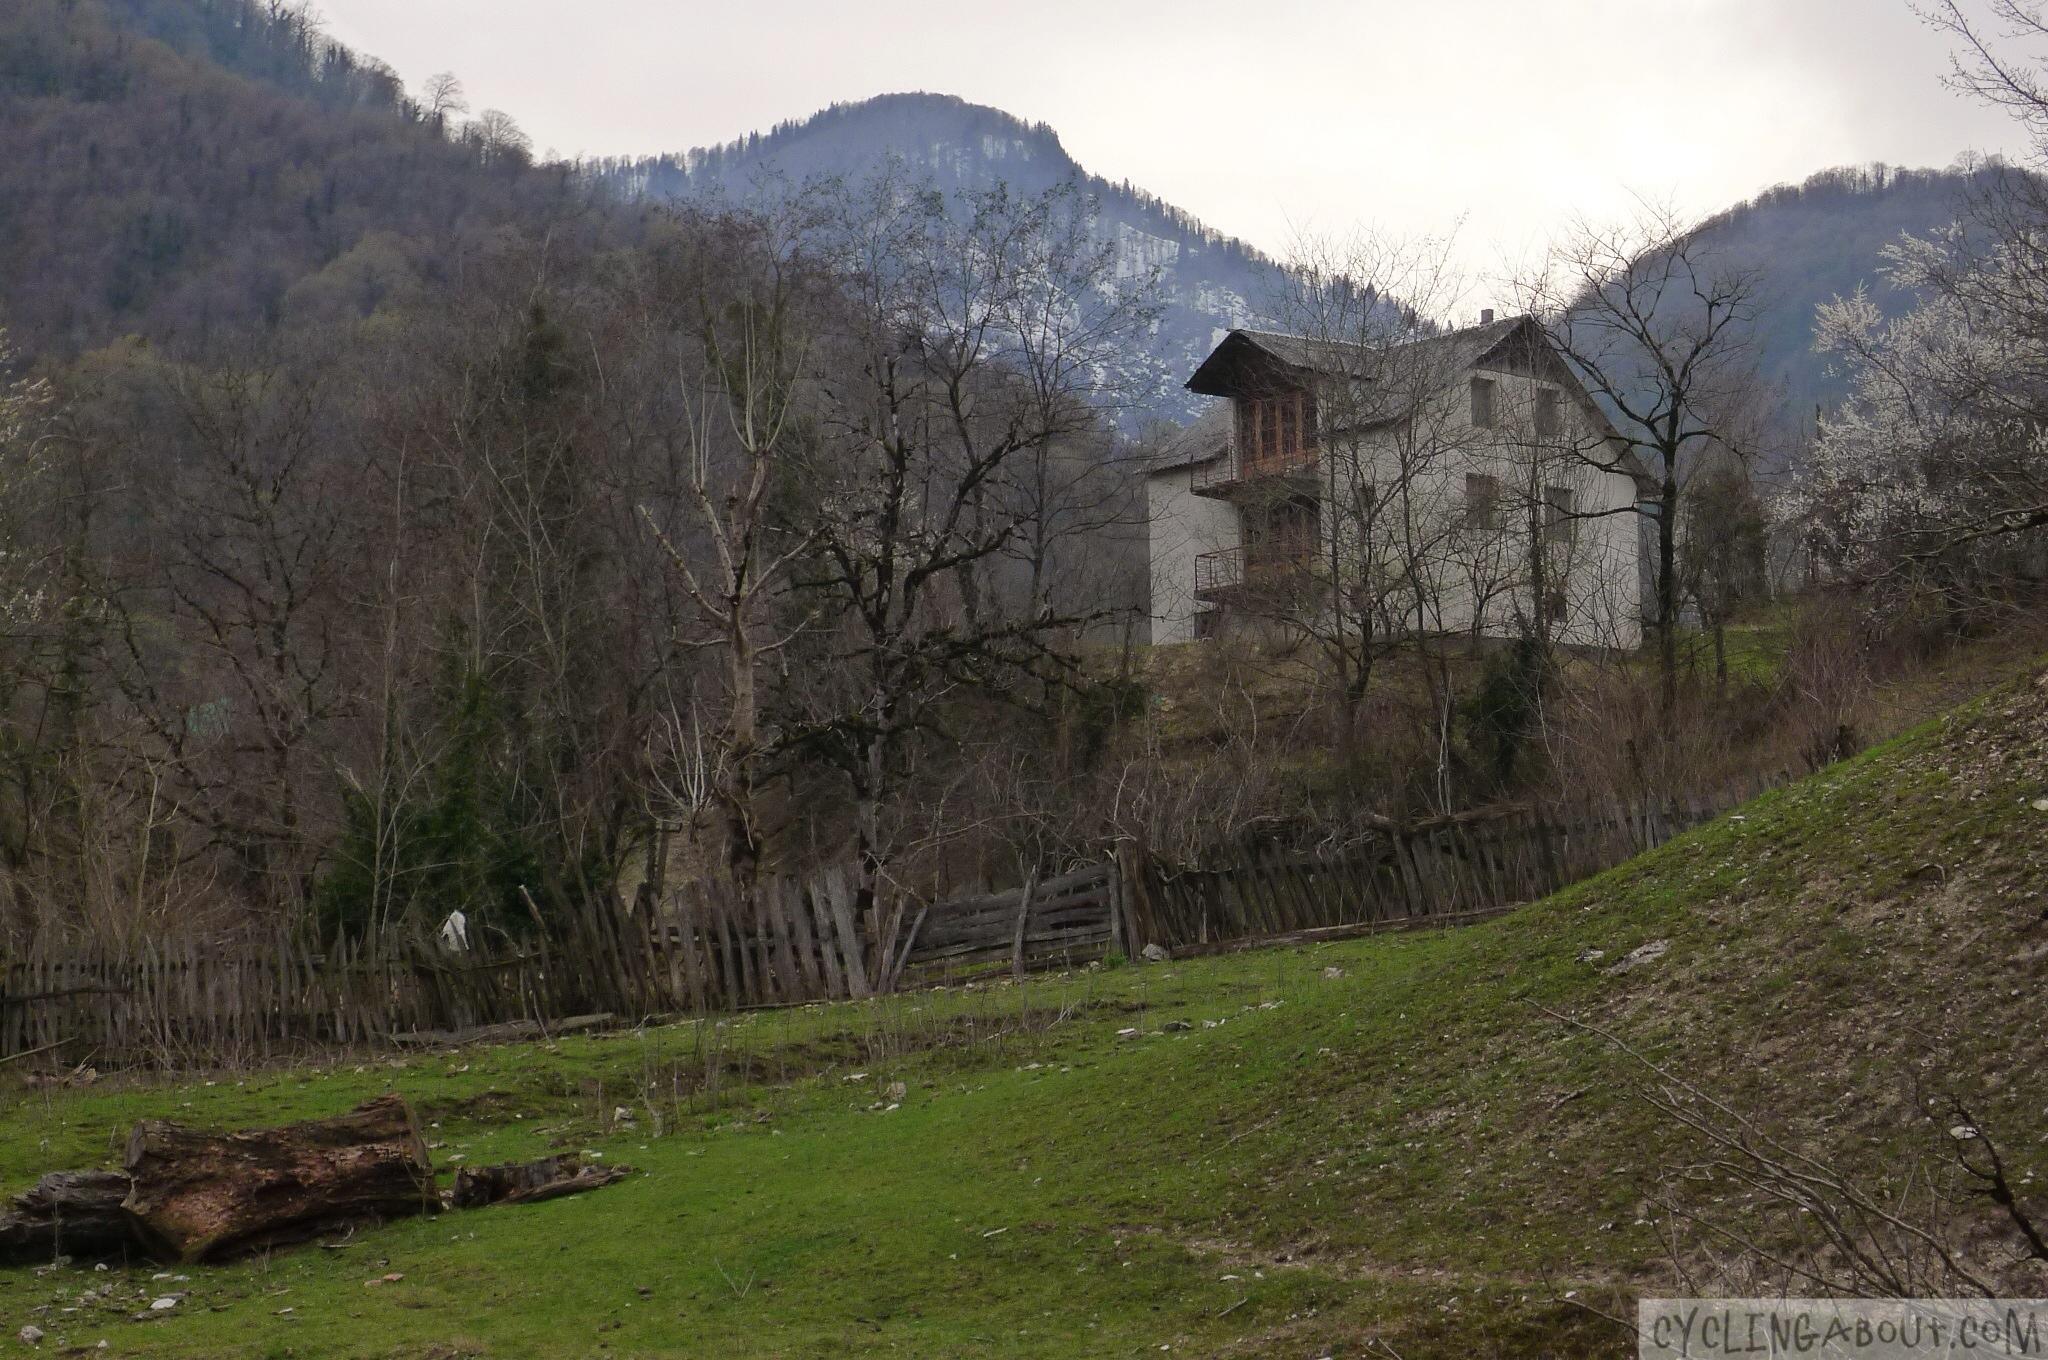 Alleykat_Georgian home in the gloom